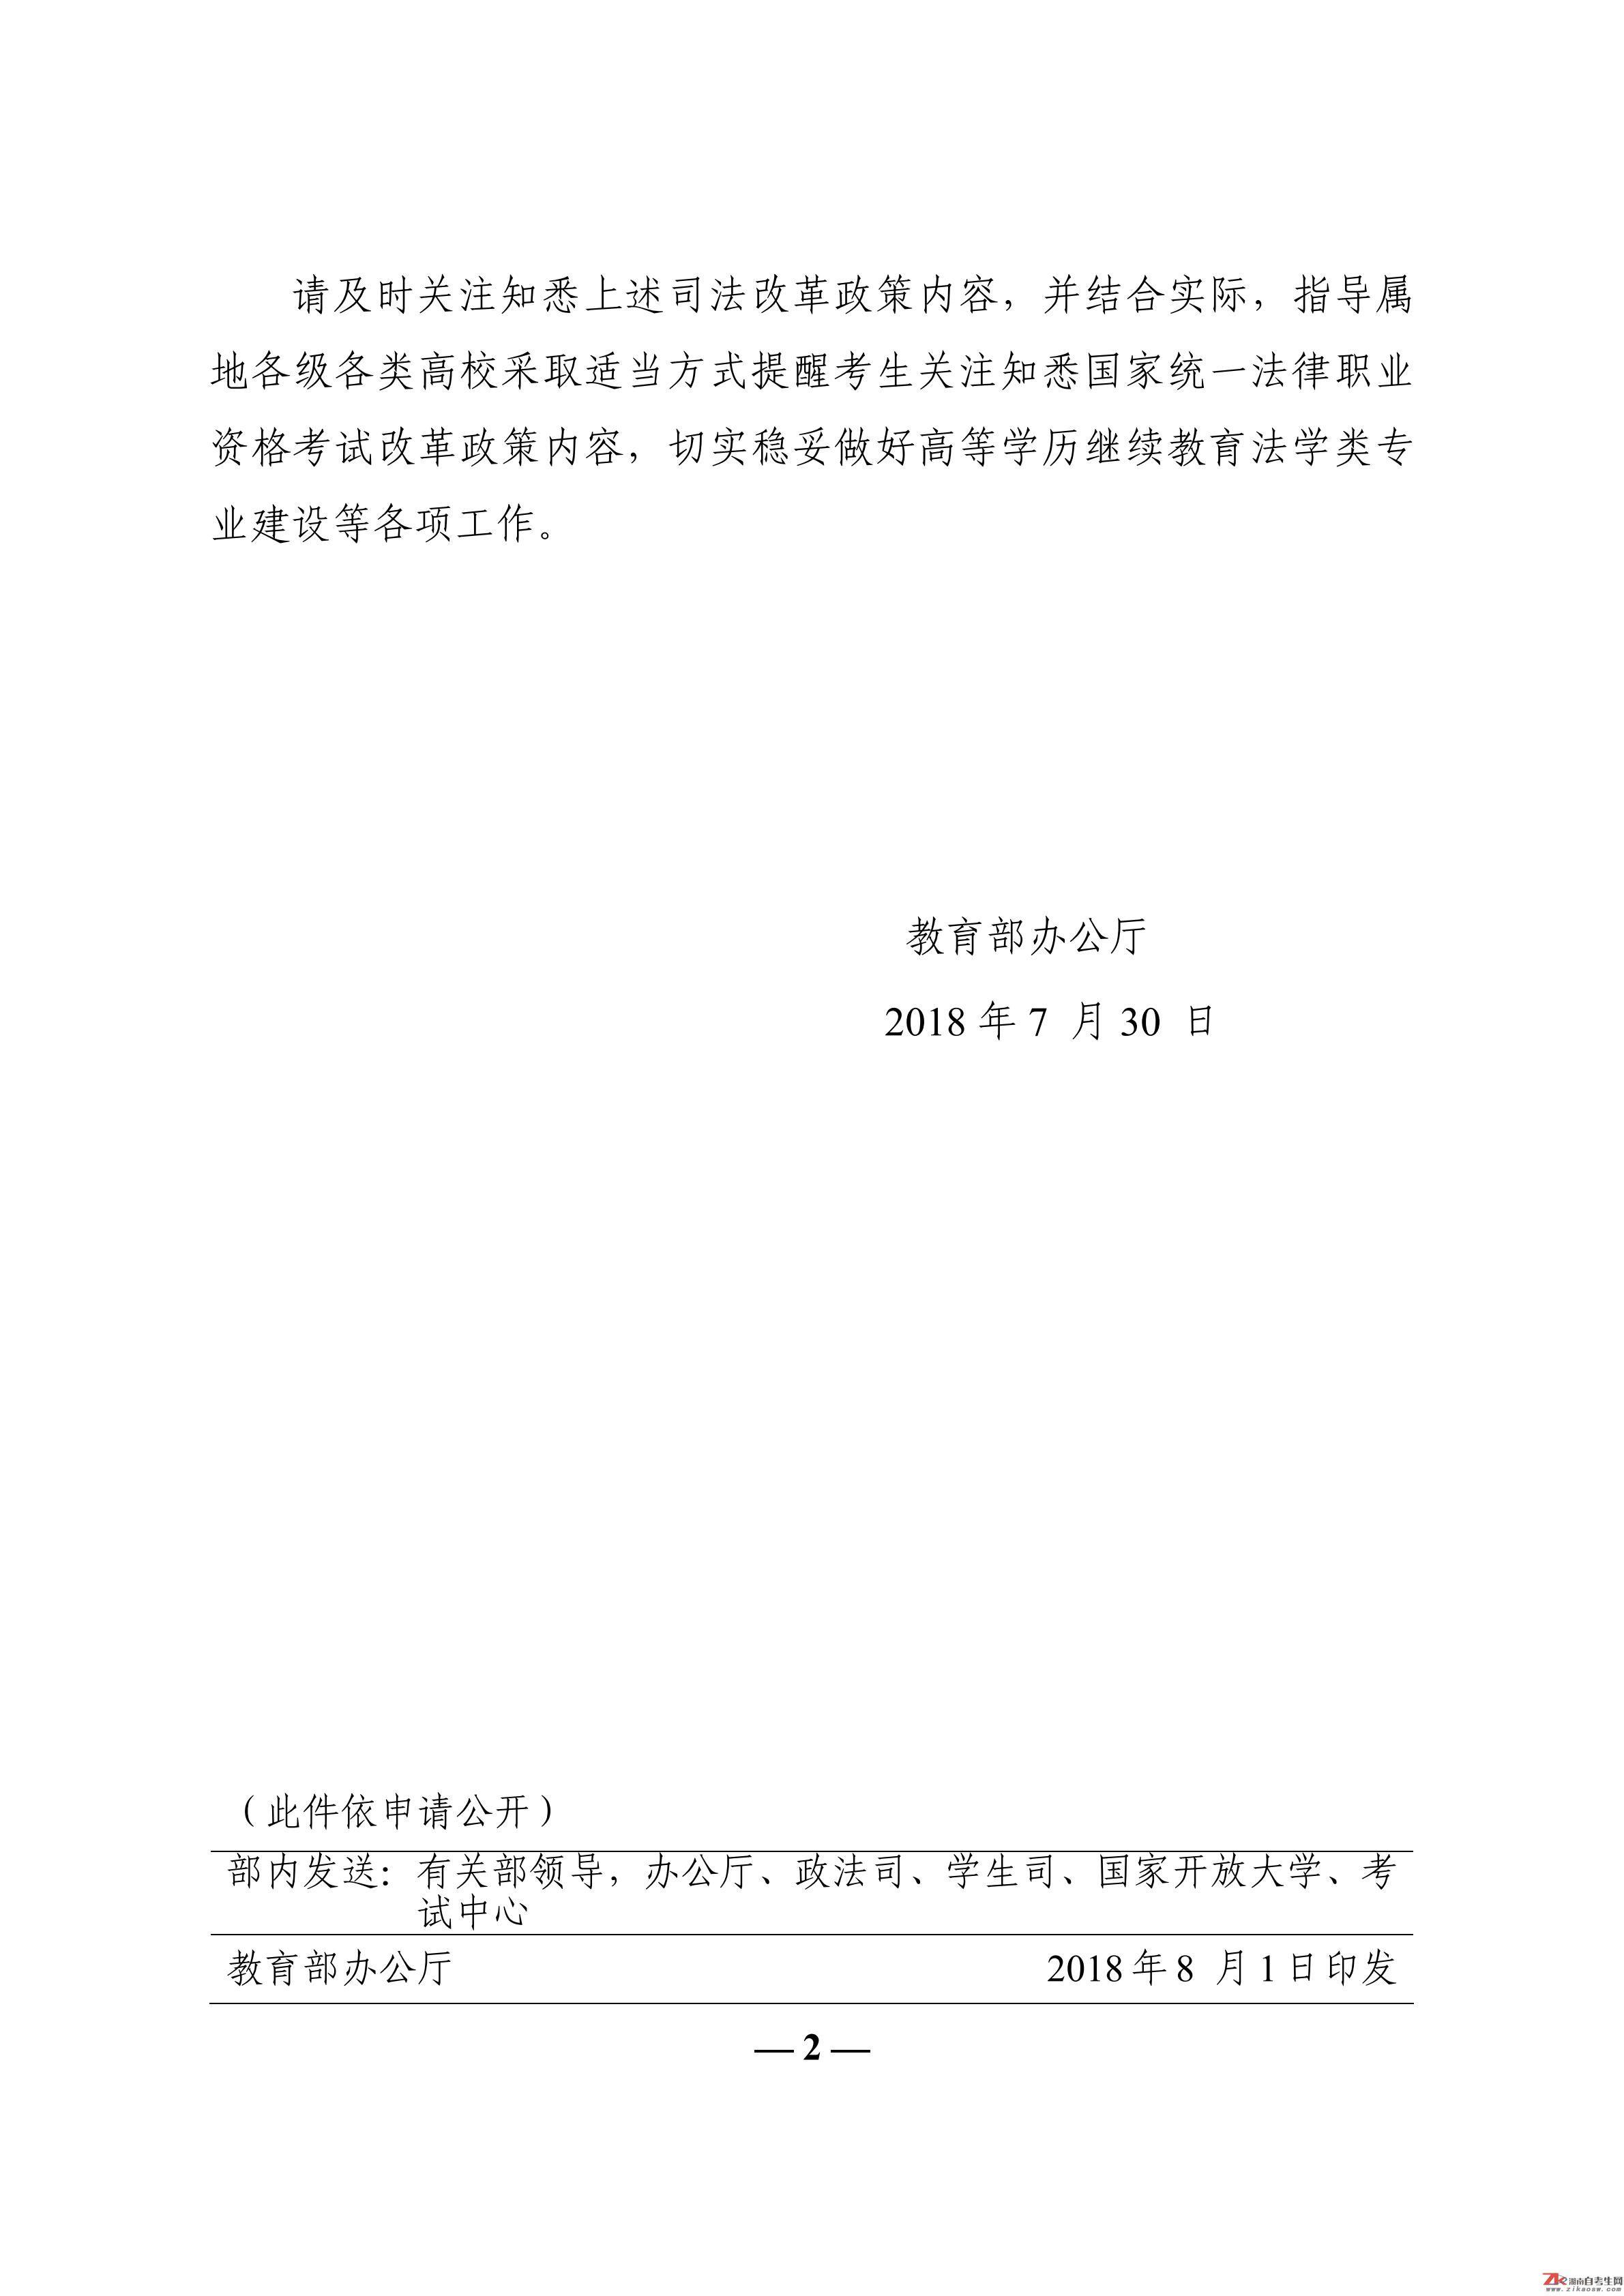 法律职业资格考试改革政策文件